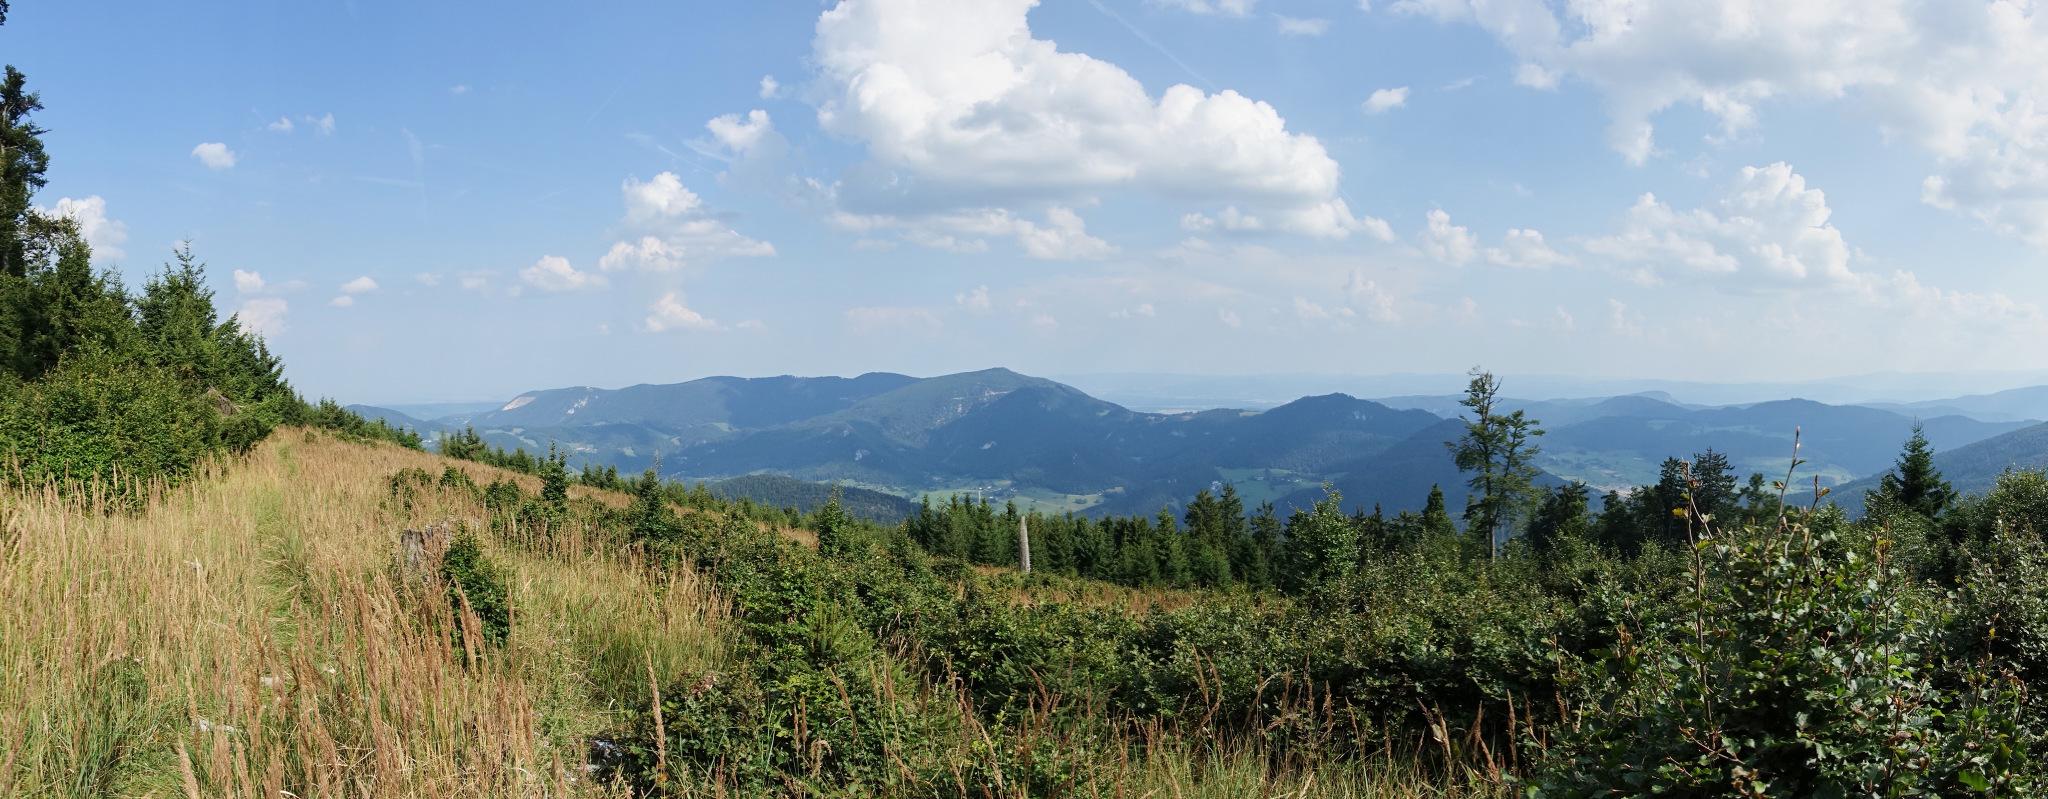 Ausblick von der Dürren Wand nach Südosten